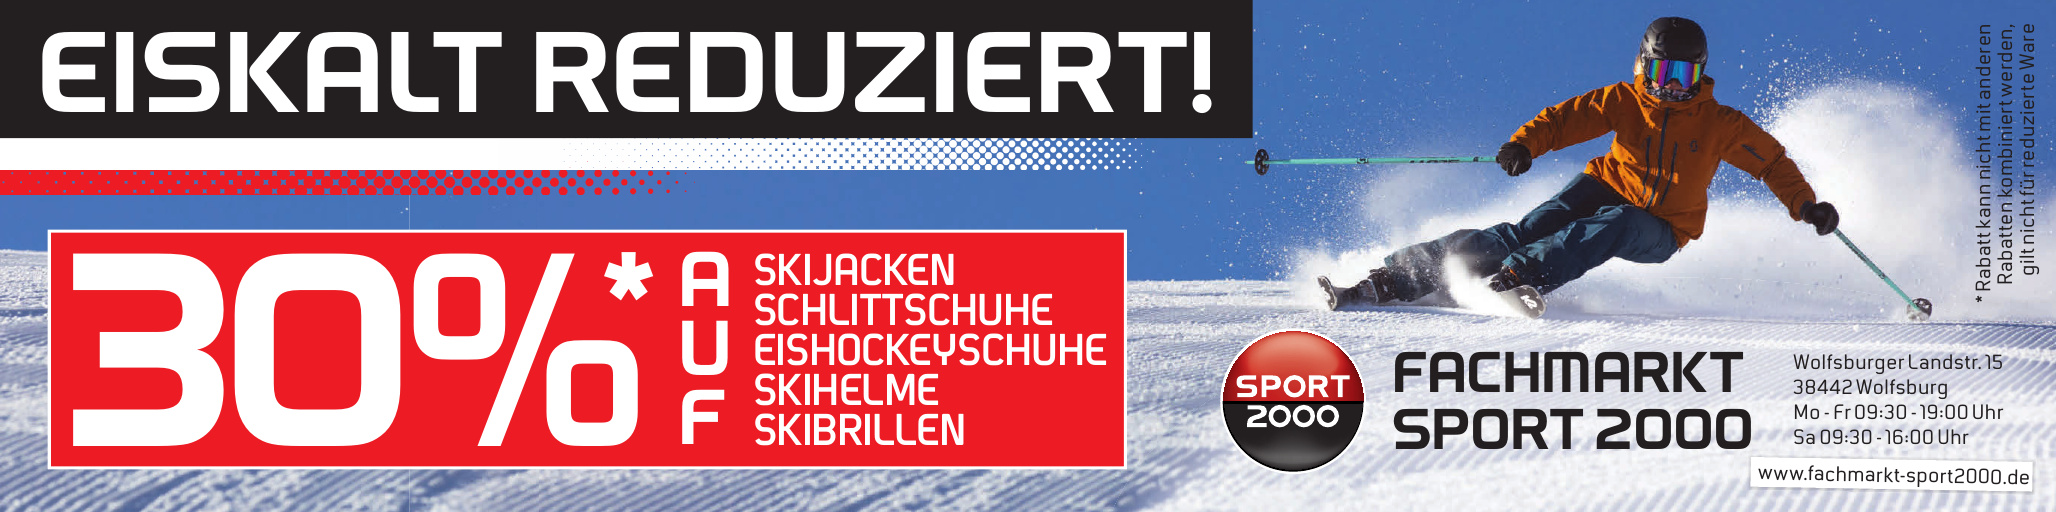 Fachmarkt Sport 2000